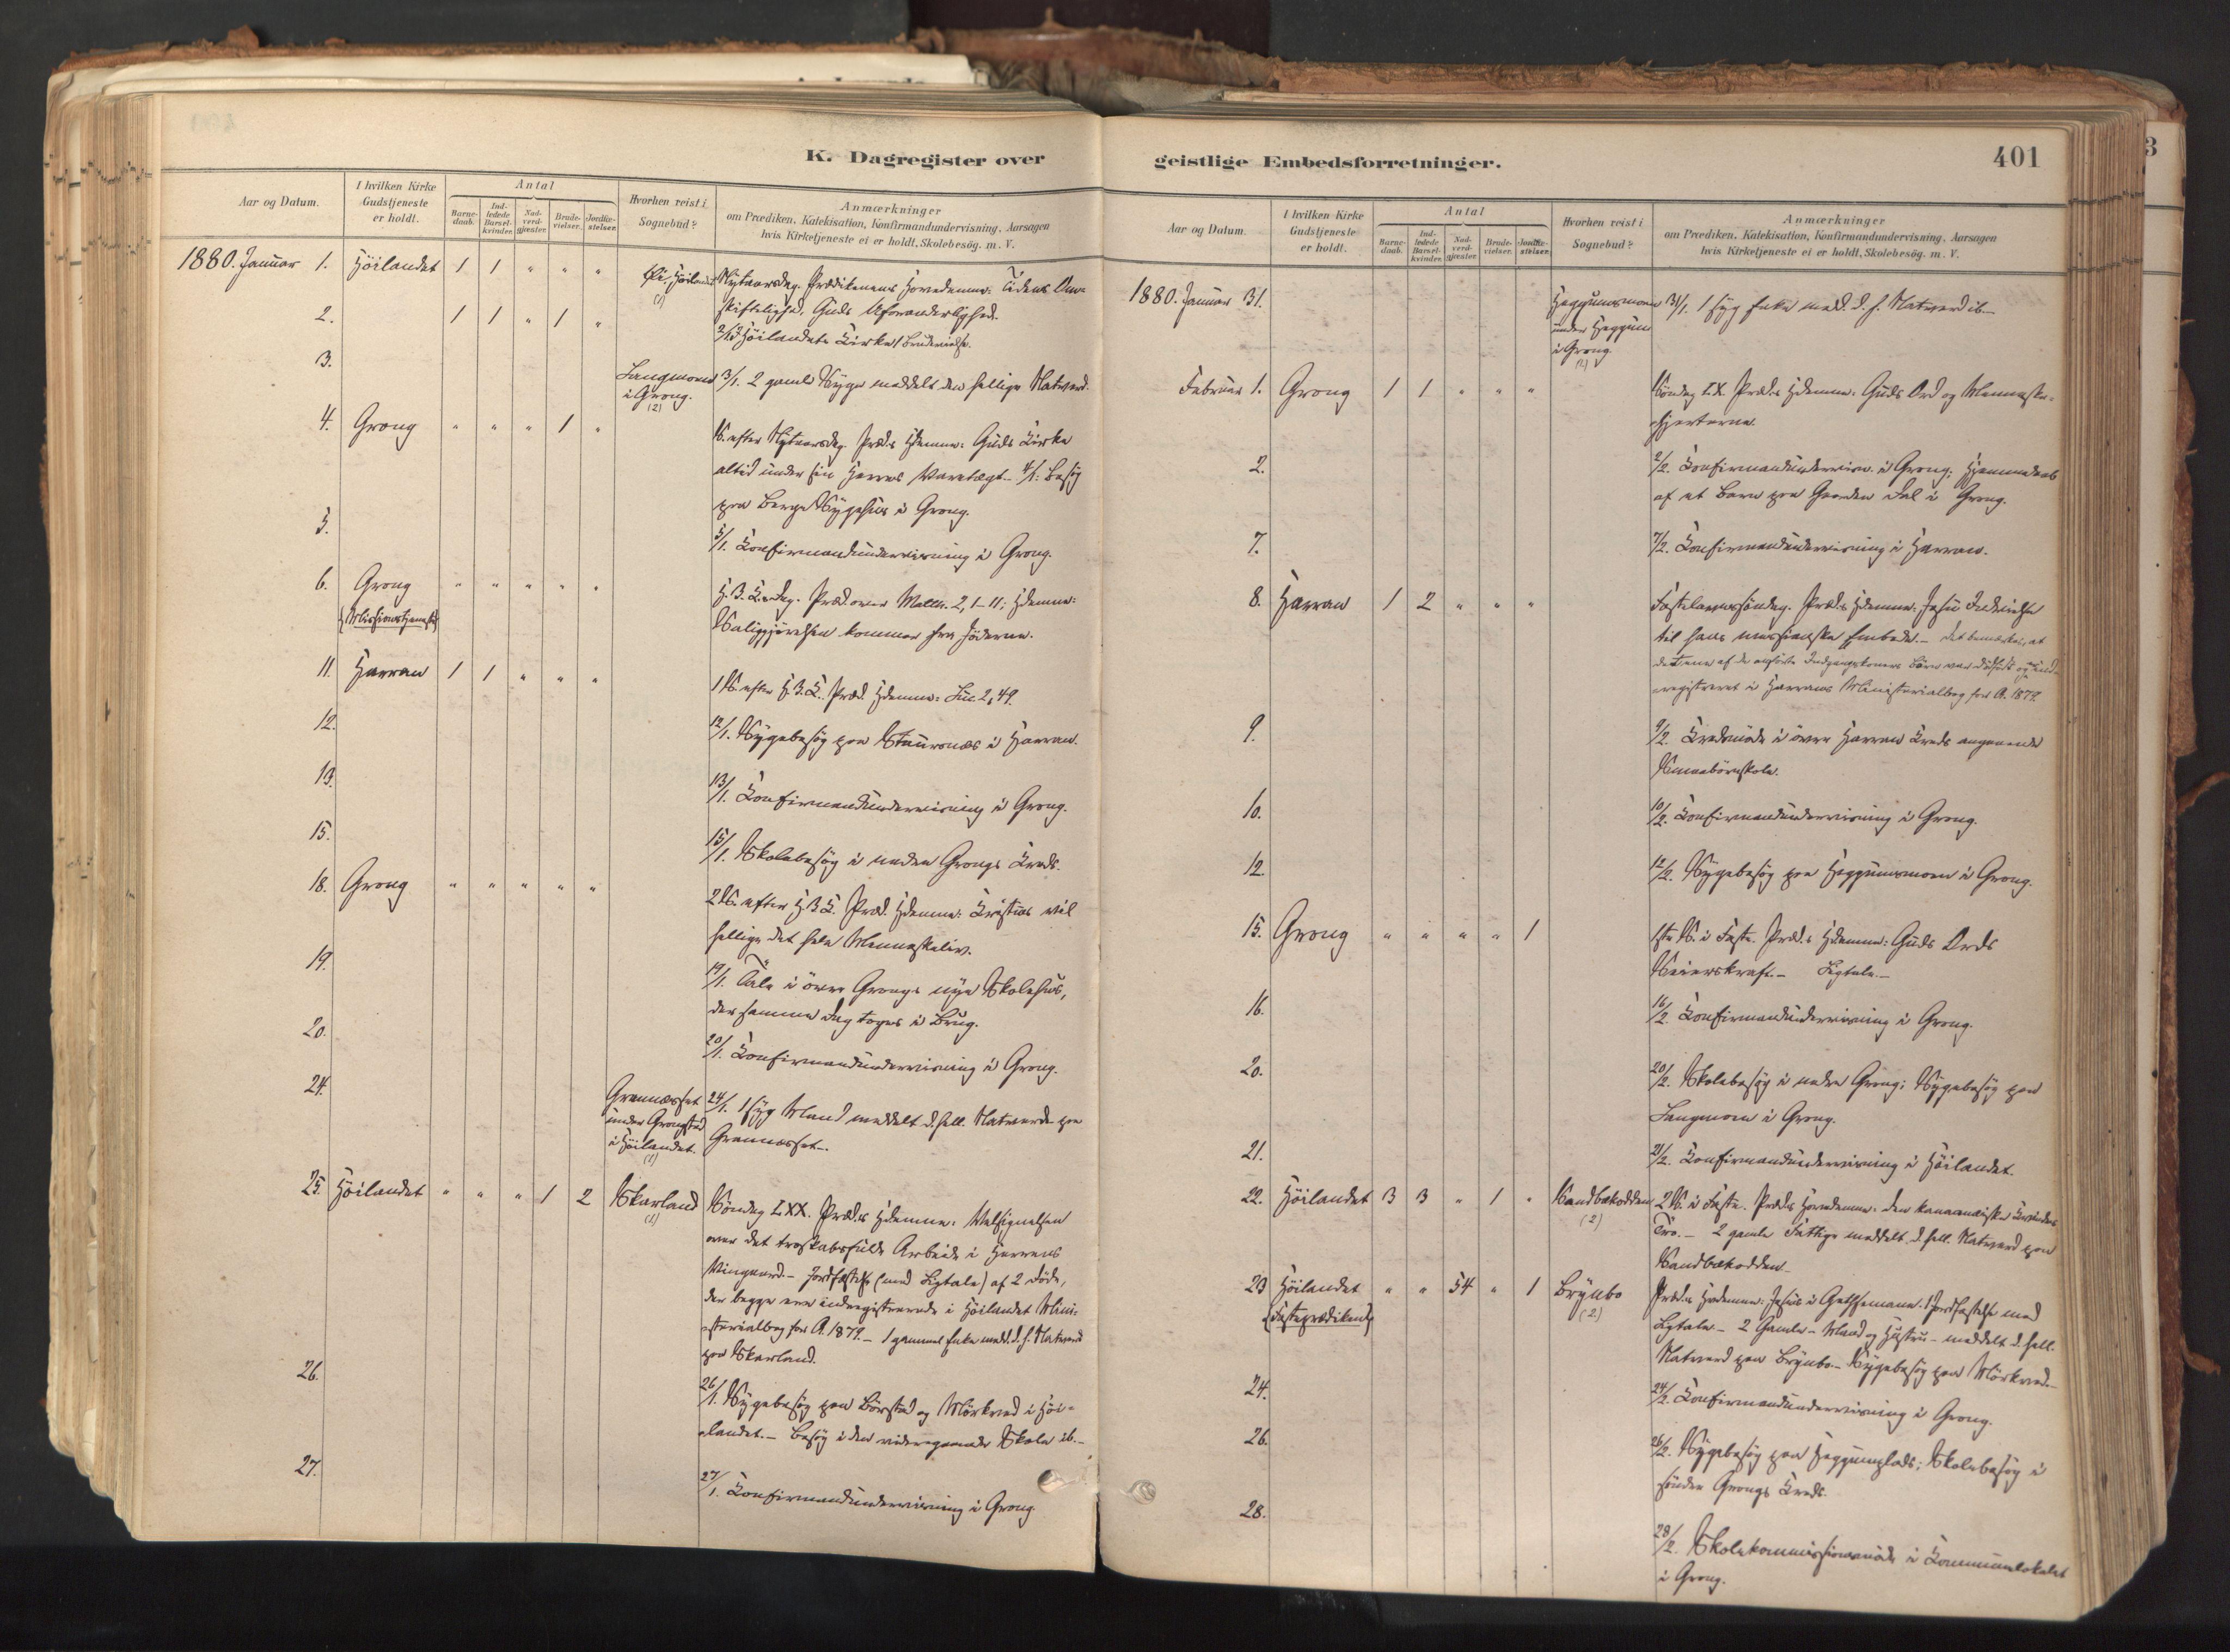 SAT, Ministerialprotokoller, klokkerbøker og fødselsregistre - Nord-Trøndelag, 758/L0519: Ministerialbok nr. 758A04, 1880-1926, s. 401